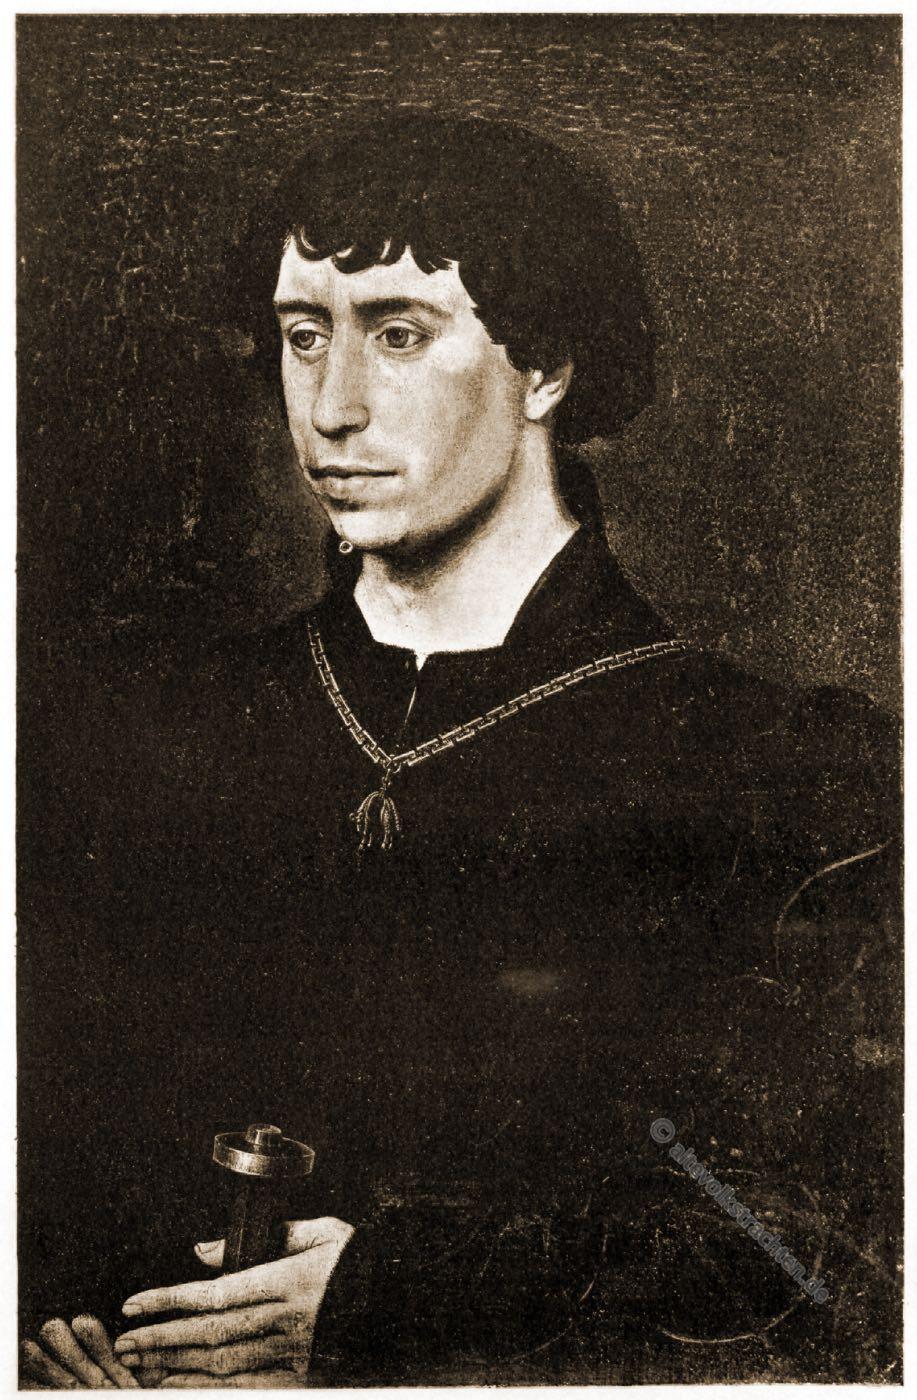 Karl der Kühne, Herzog, Burgund, Mittelalter, Charles le Téméraire,